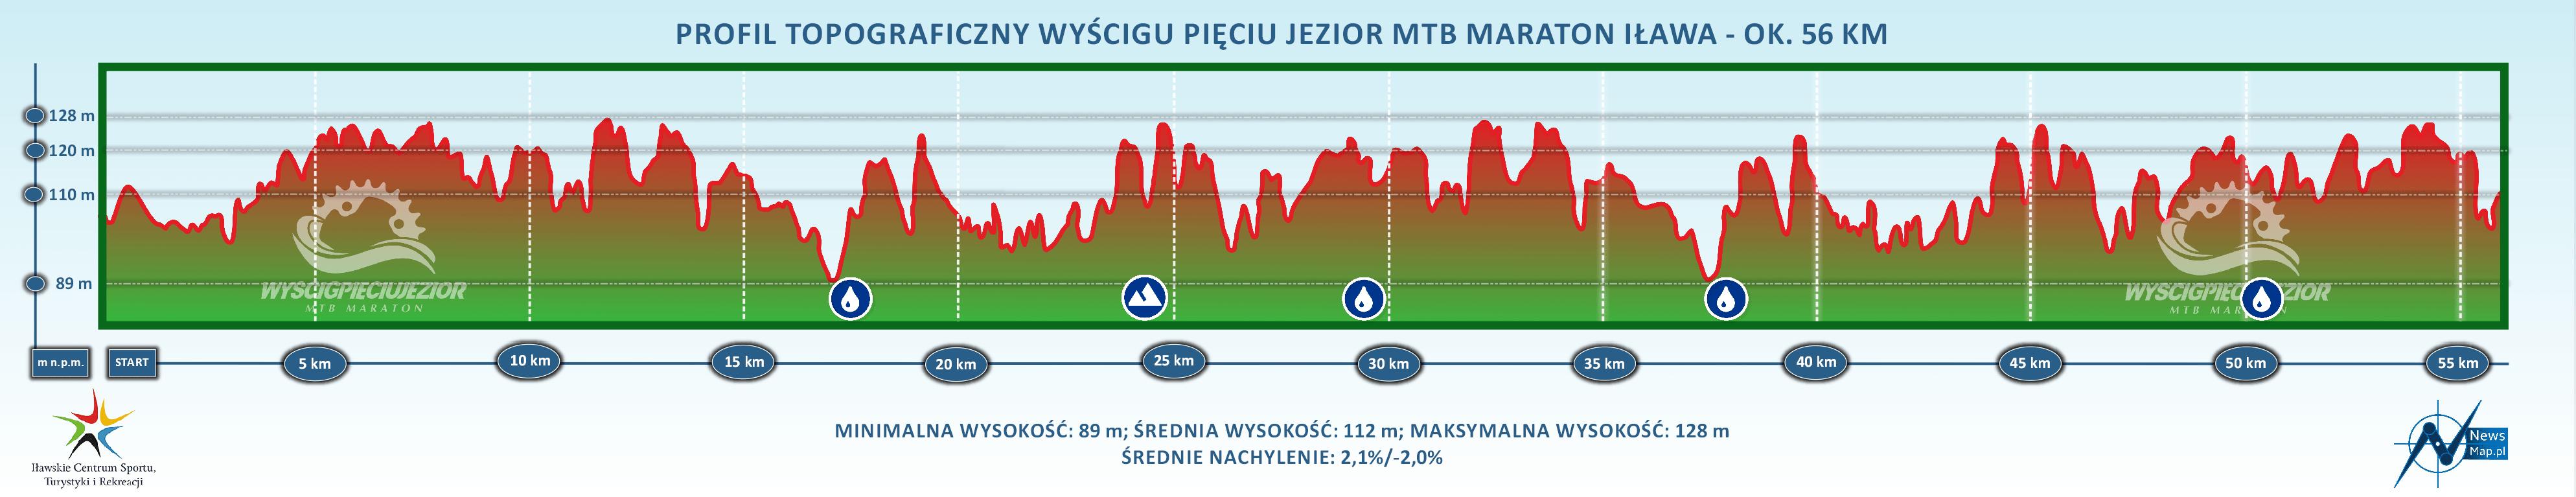 Profil topograficzny mtb maraton Iława 56 km